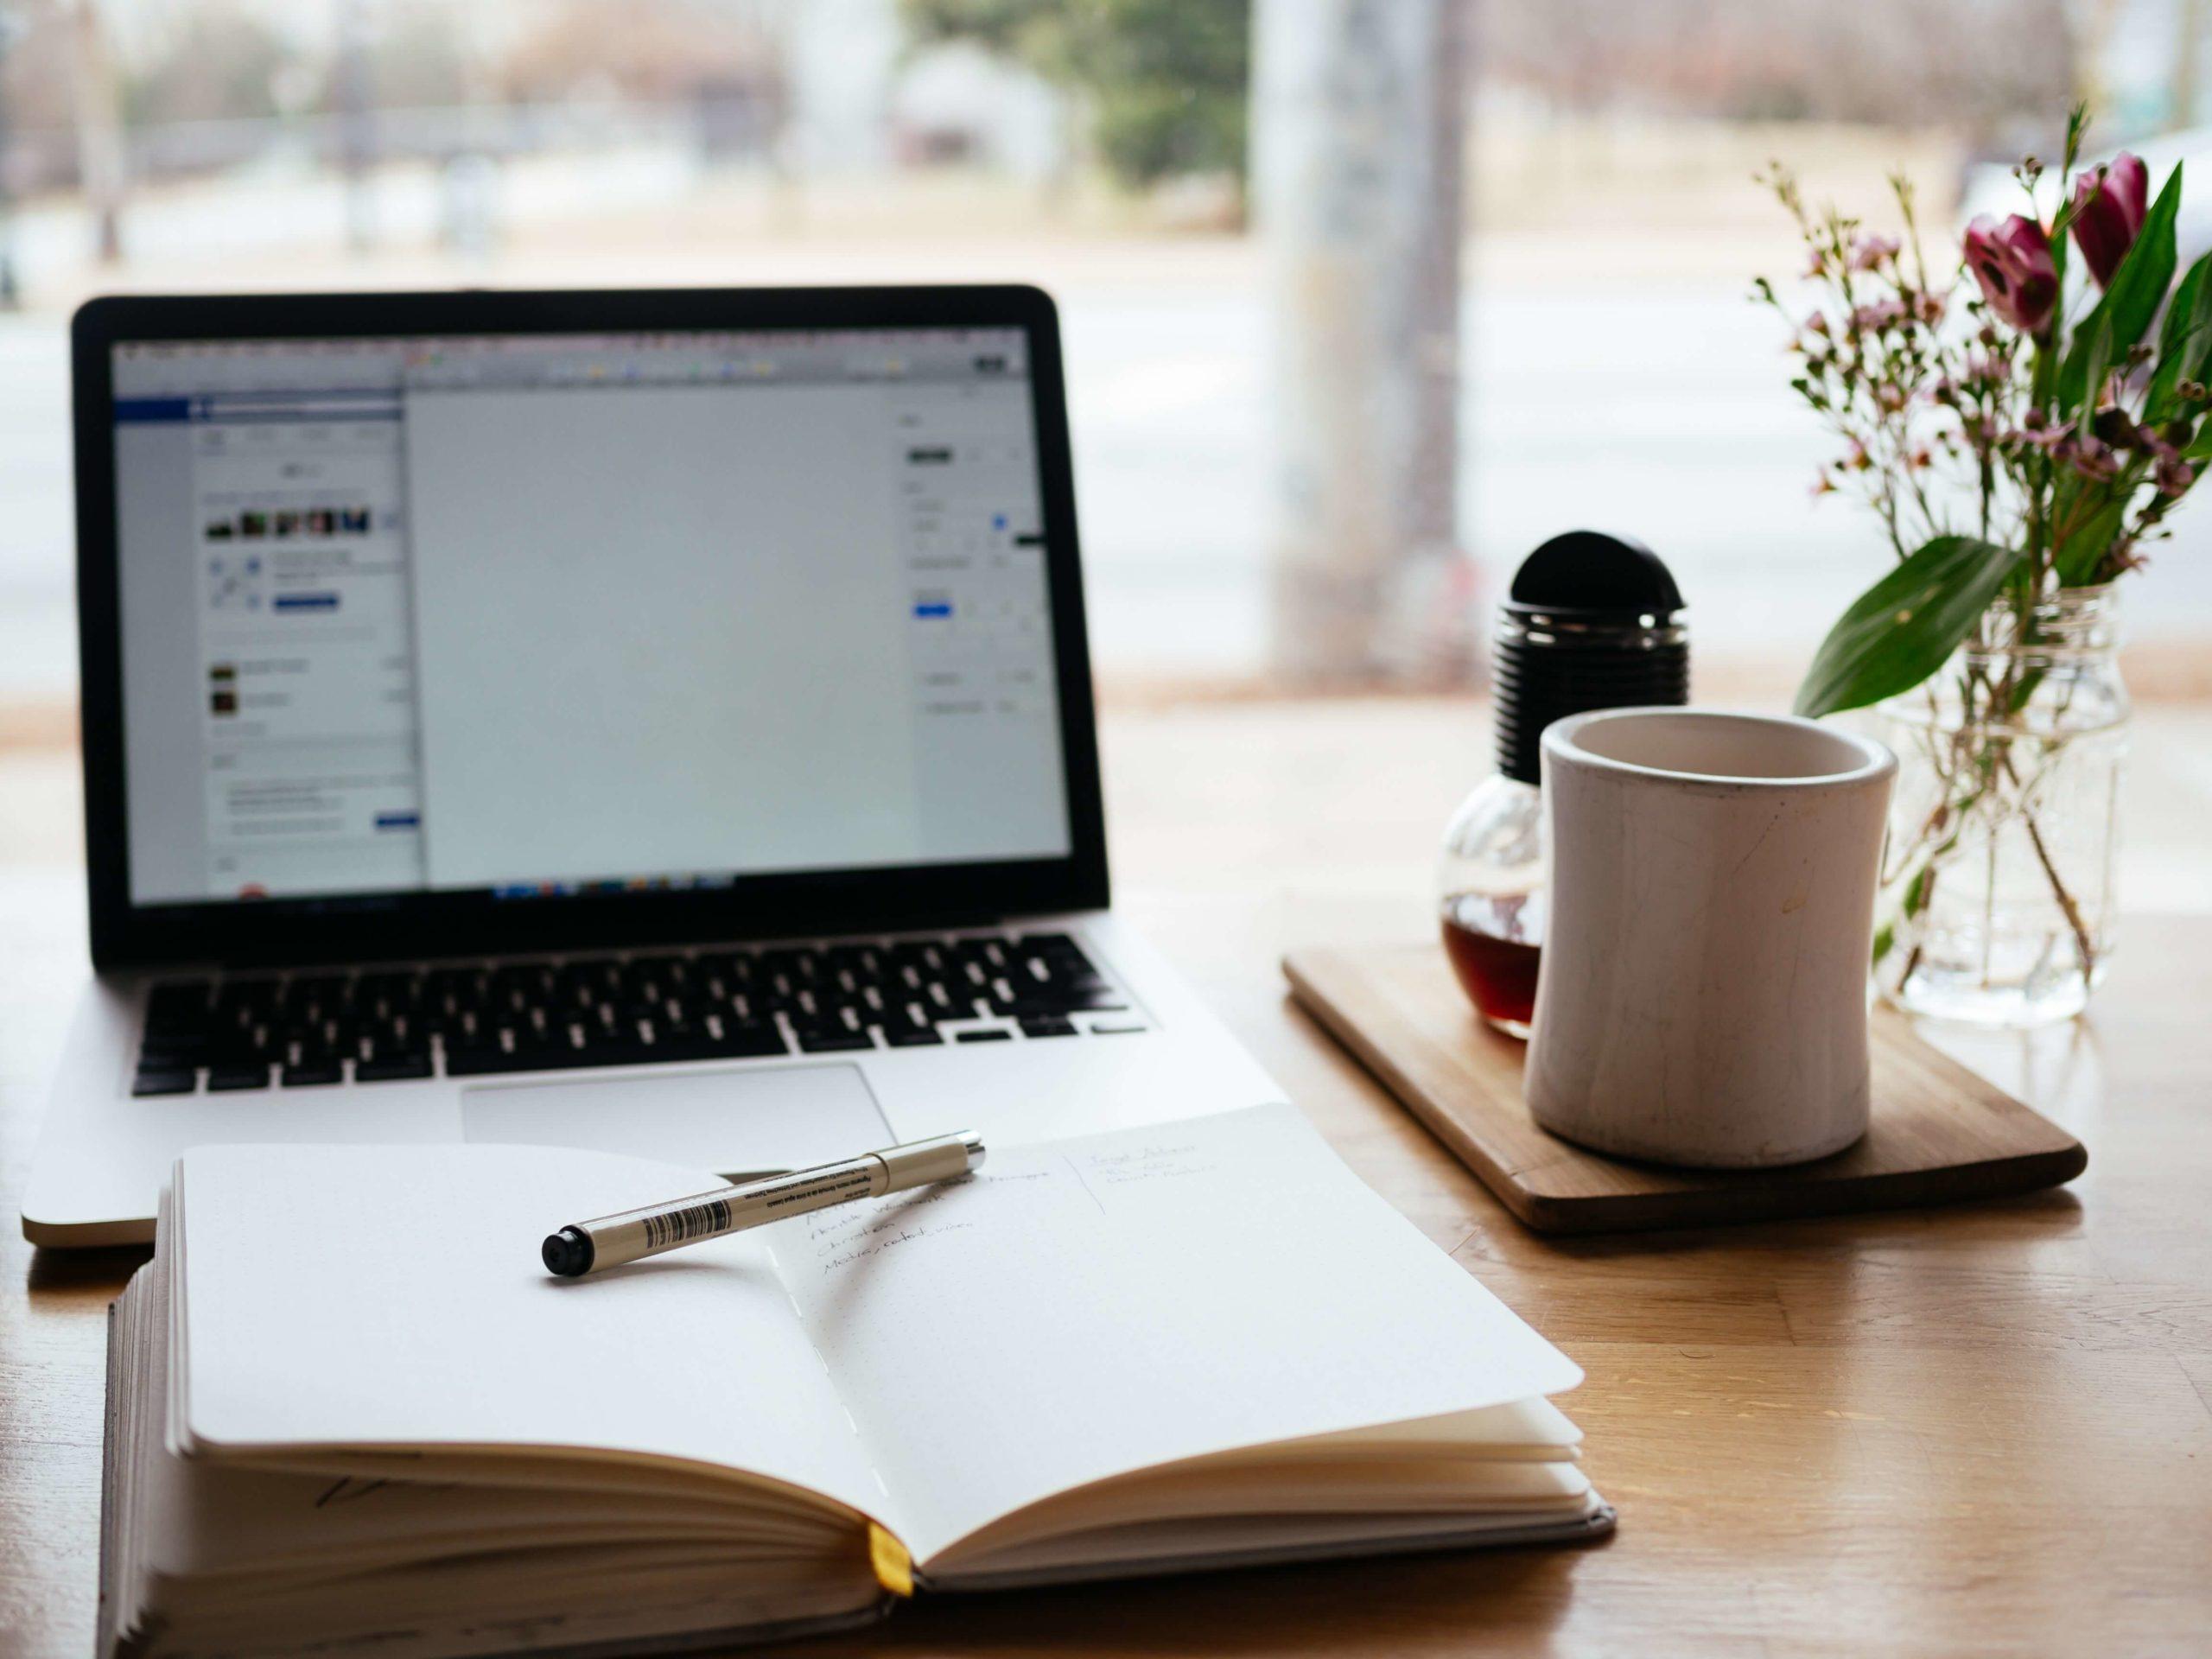 社会人の時間がない人のアスレティックトレーナーの勉強時間確保の4つのコツ